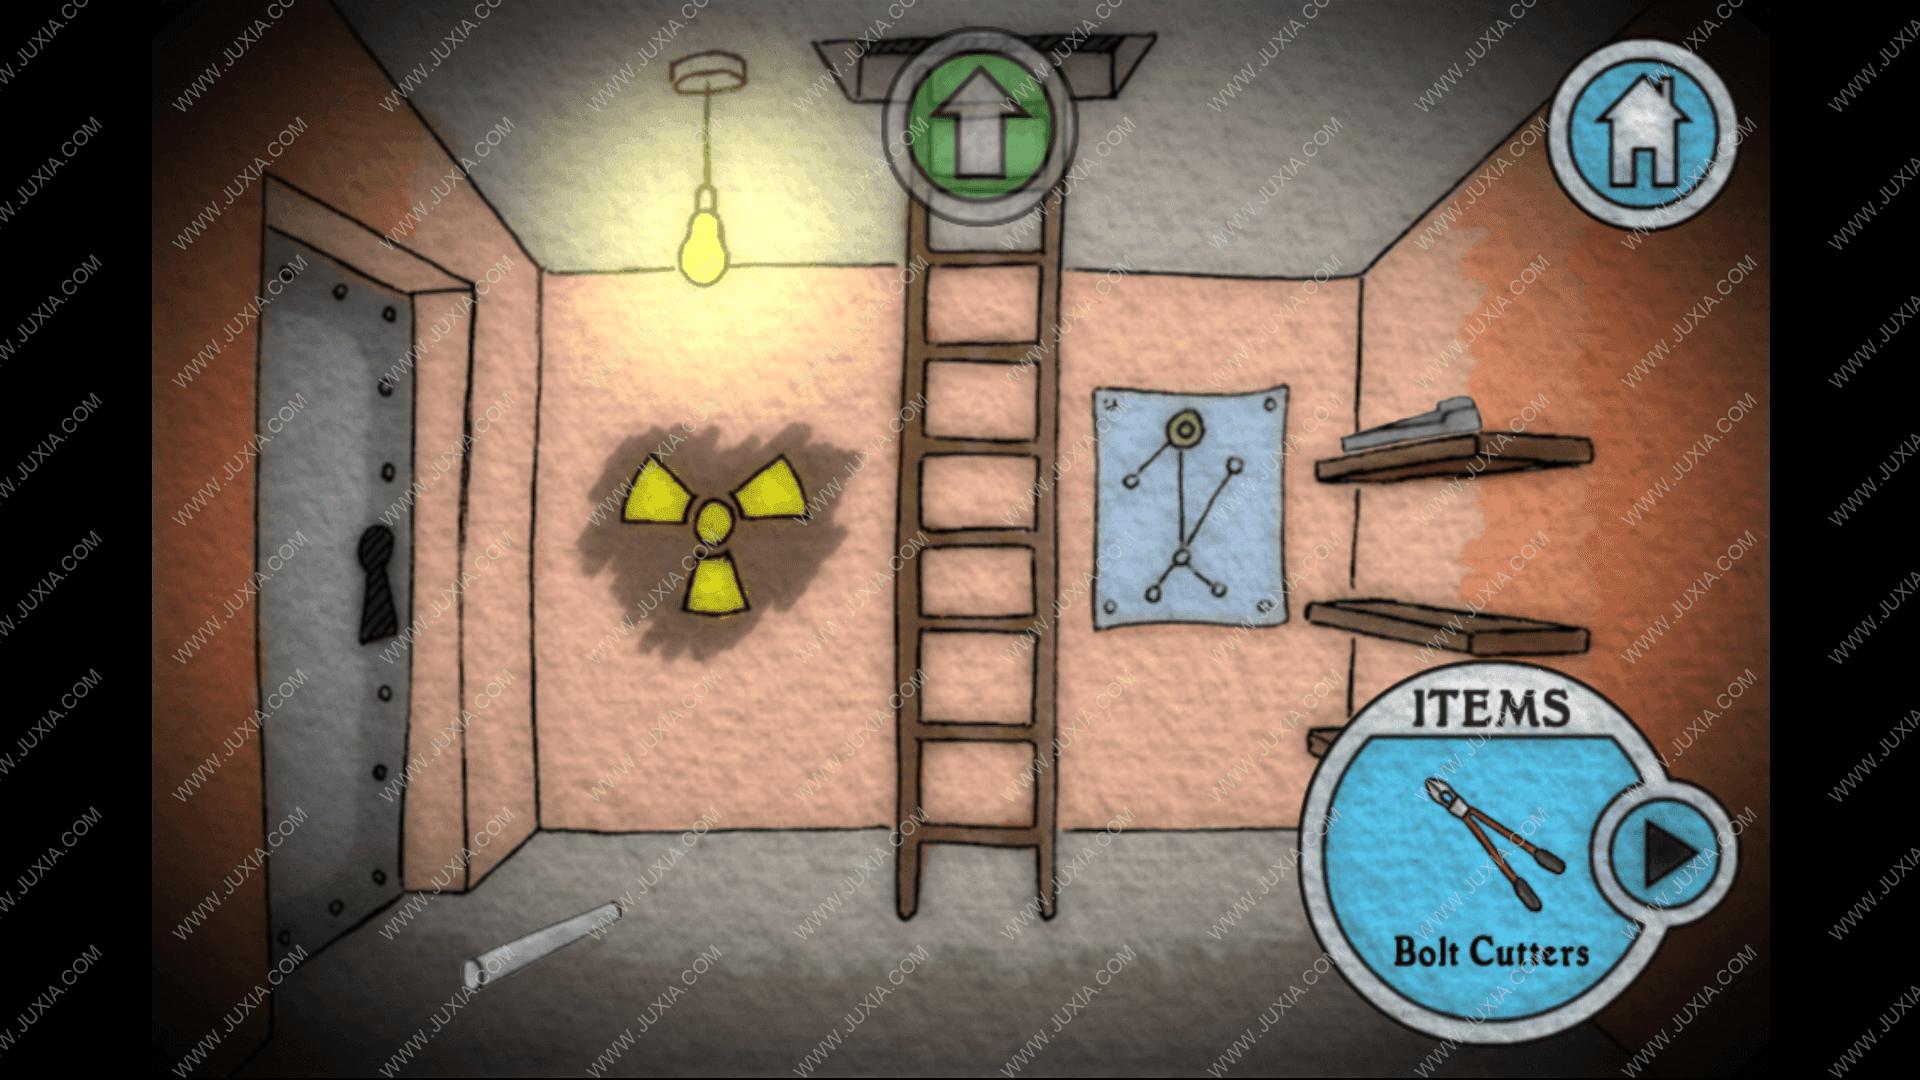 神秘的灯塔游戏密码在哪 mysterylighthouse天文望远镜怎么使用